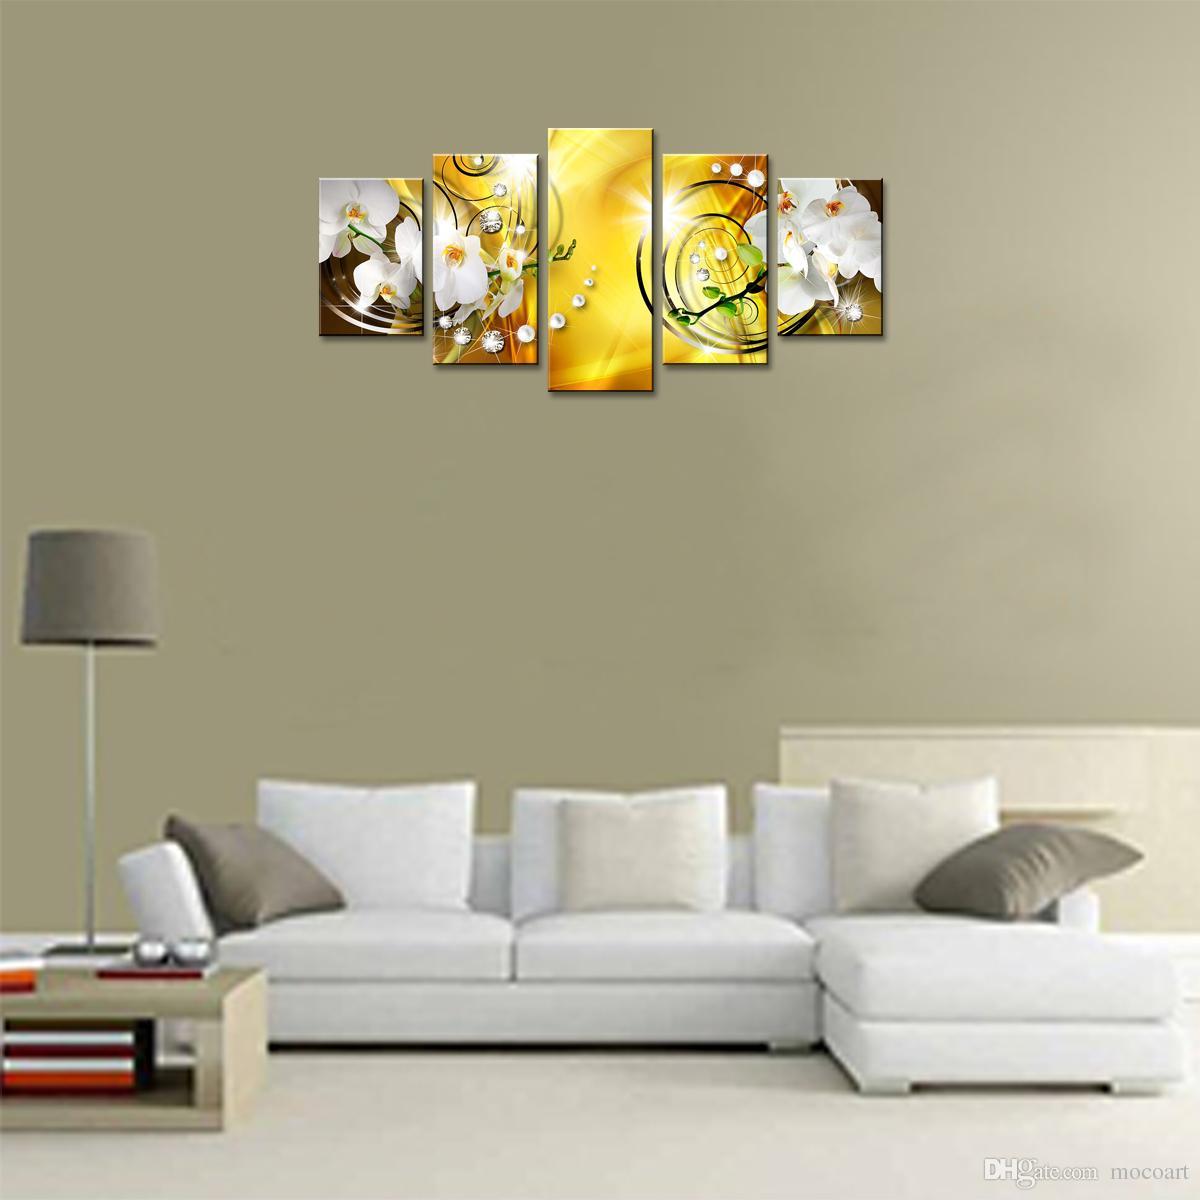 Flower Canvas Print Art Wall Decor Picture 5 Pannelli White Orchid Floral Painting Contemporary Diamond HD giallo Artwork camera da letto Incorniciato